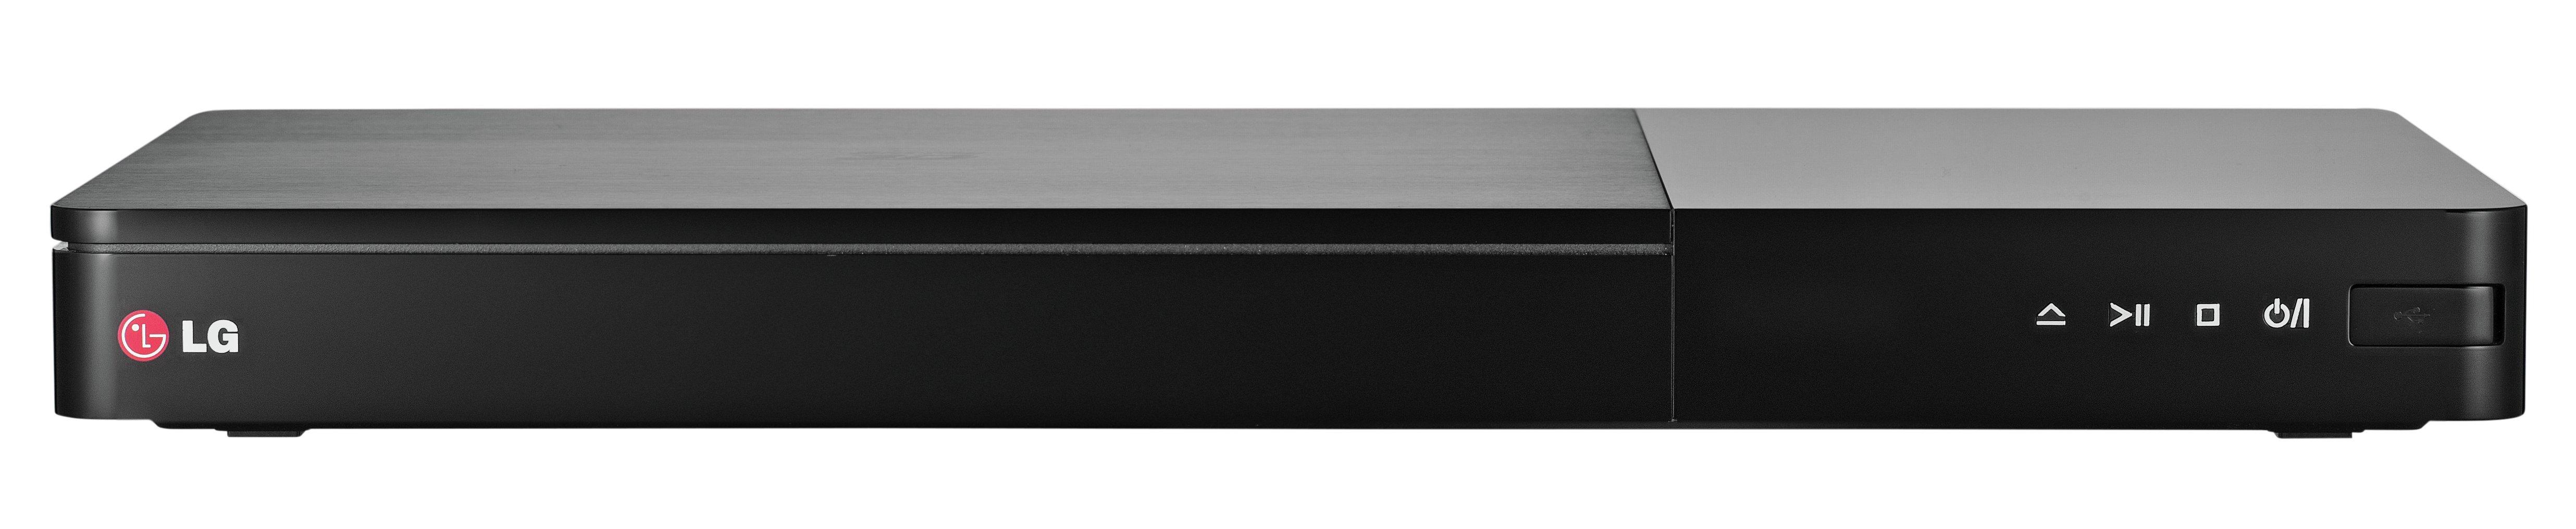 LG - BP645 - Smart 3D Blu-ray/DVD Player.